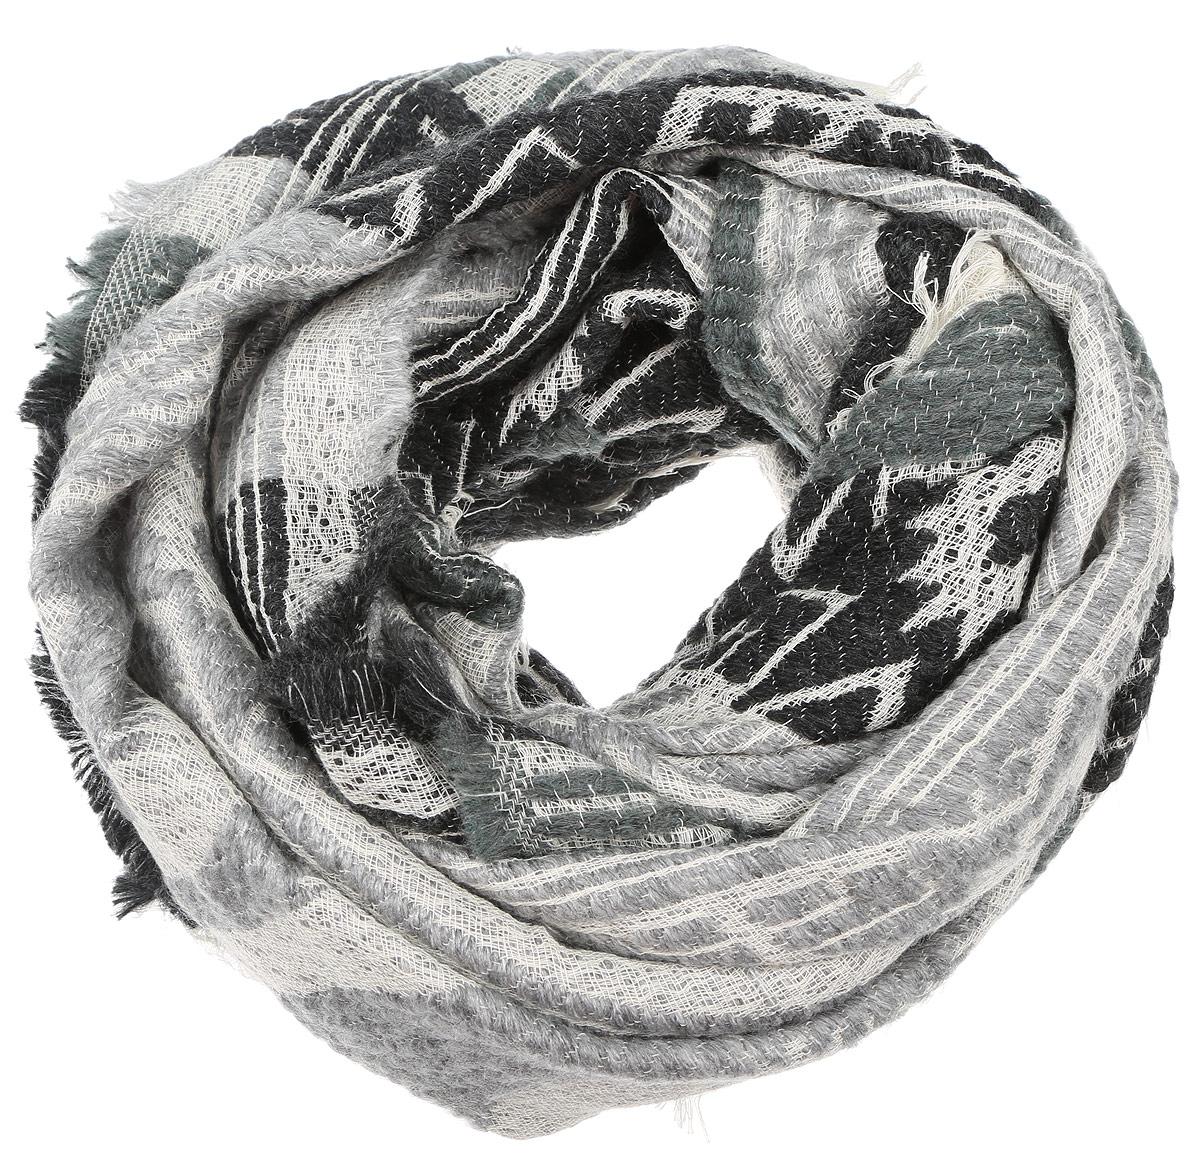 Палантин Paccia, цвет: серый, черный. IS-21601-4. Размер 70 см х 180 смIS-21601-4Элегантный палантин Paccia изготовлен из сочетания высококачественной шерсти и хлопка. Мягкая и теплая модель оформлена вязкой с узорами и дополнена тонкой бахромой по краю. Палантин красиво драпируется, он превосходно дополнит любой наряд и подчеркнет ваш изысканный вкус.